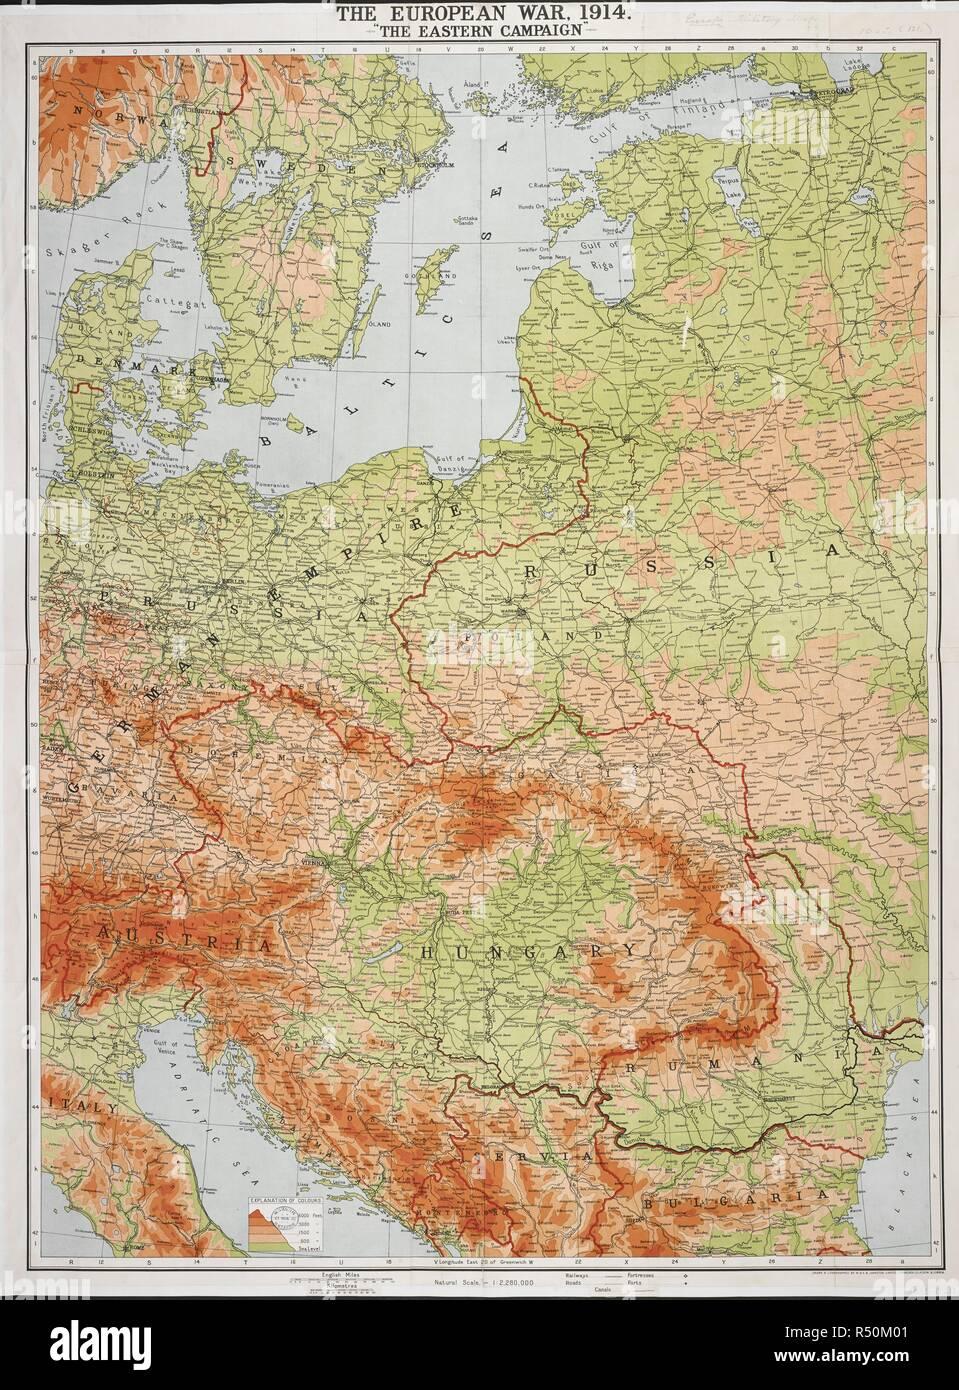 Karte Schweden Dänemark Deutschland.Eine Karte Des Ersten Weltkriegs übersicht Teil Von Norwegen Und